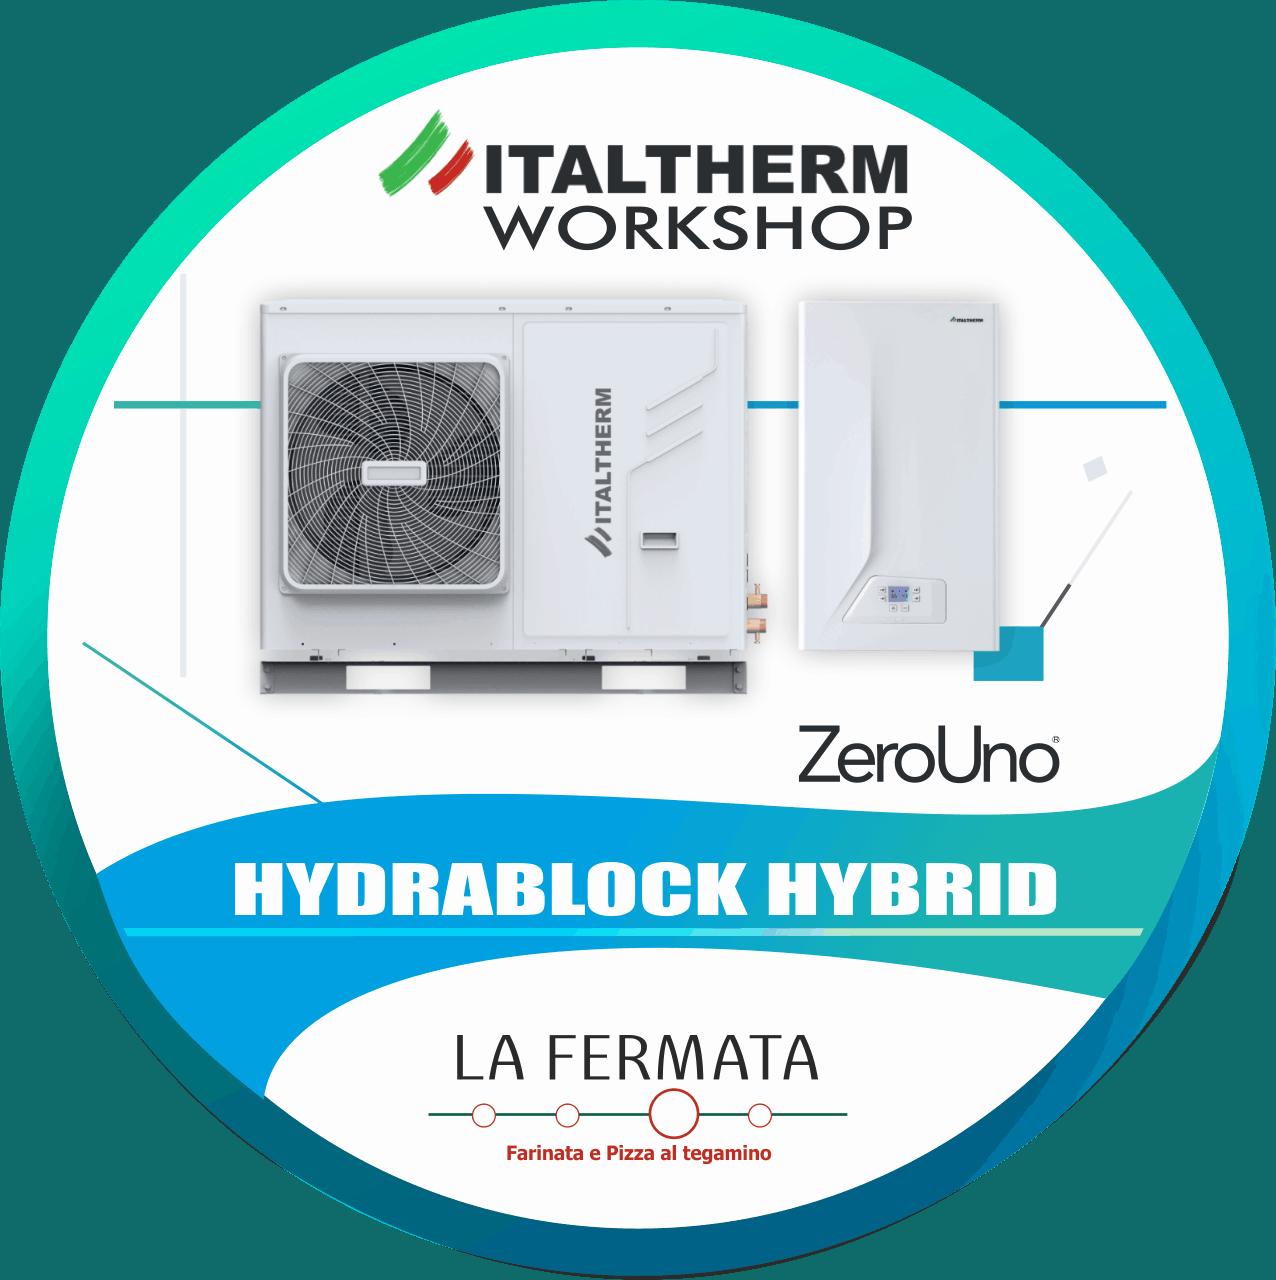 Workshop Italtherm Hydrablock alla Fermata   Elettrogruppo ZeroUno  To    POMPE DI CALORE IBRIDE WORSHOP